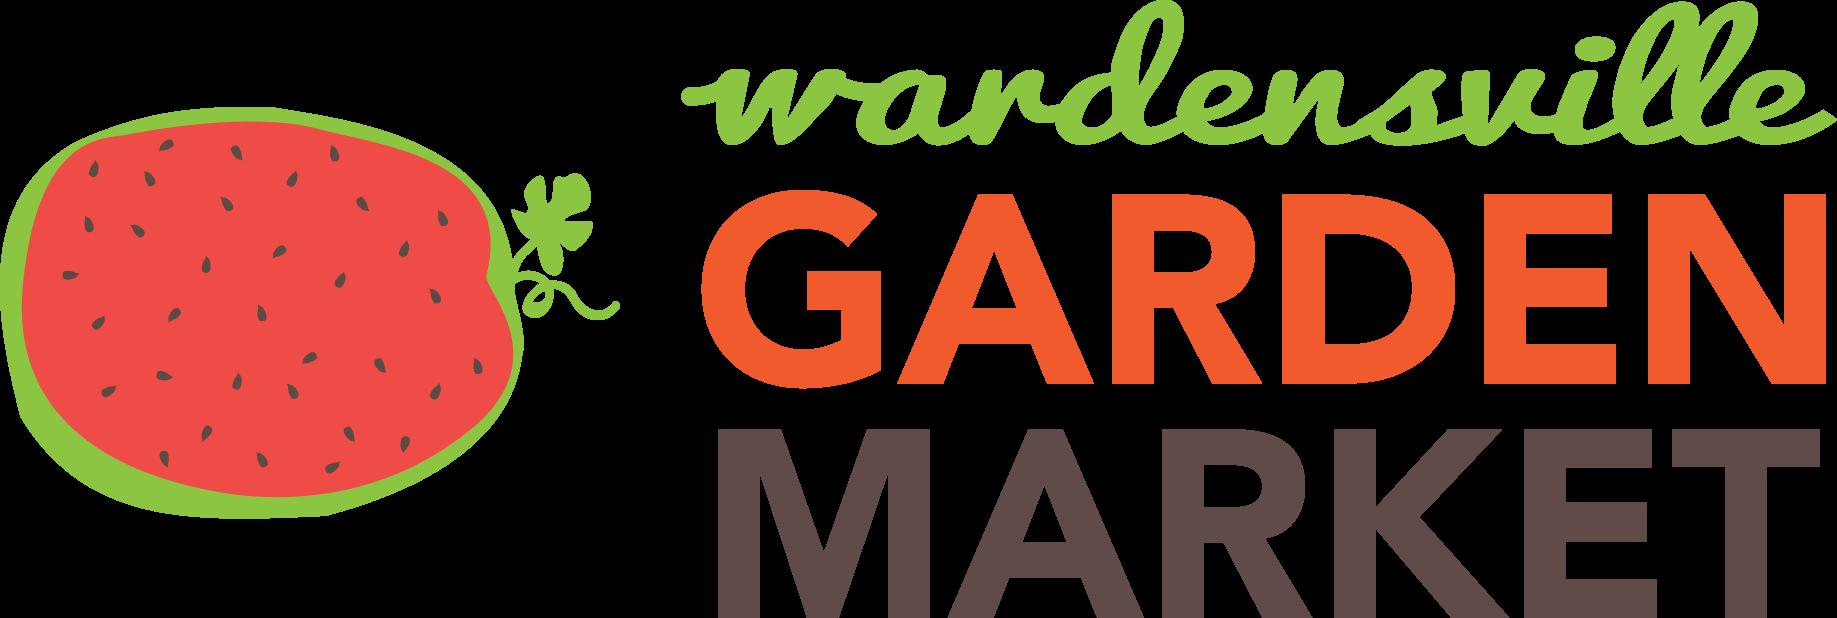 WARDENSVILLE GARDEN MARKET